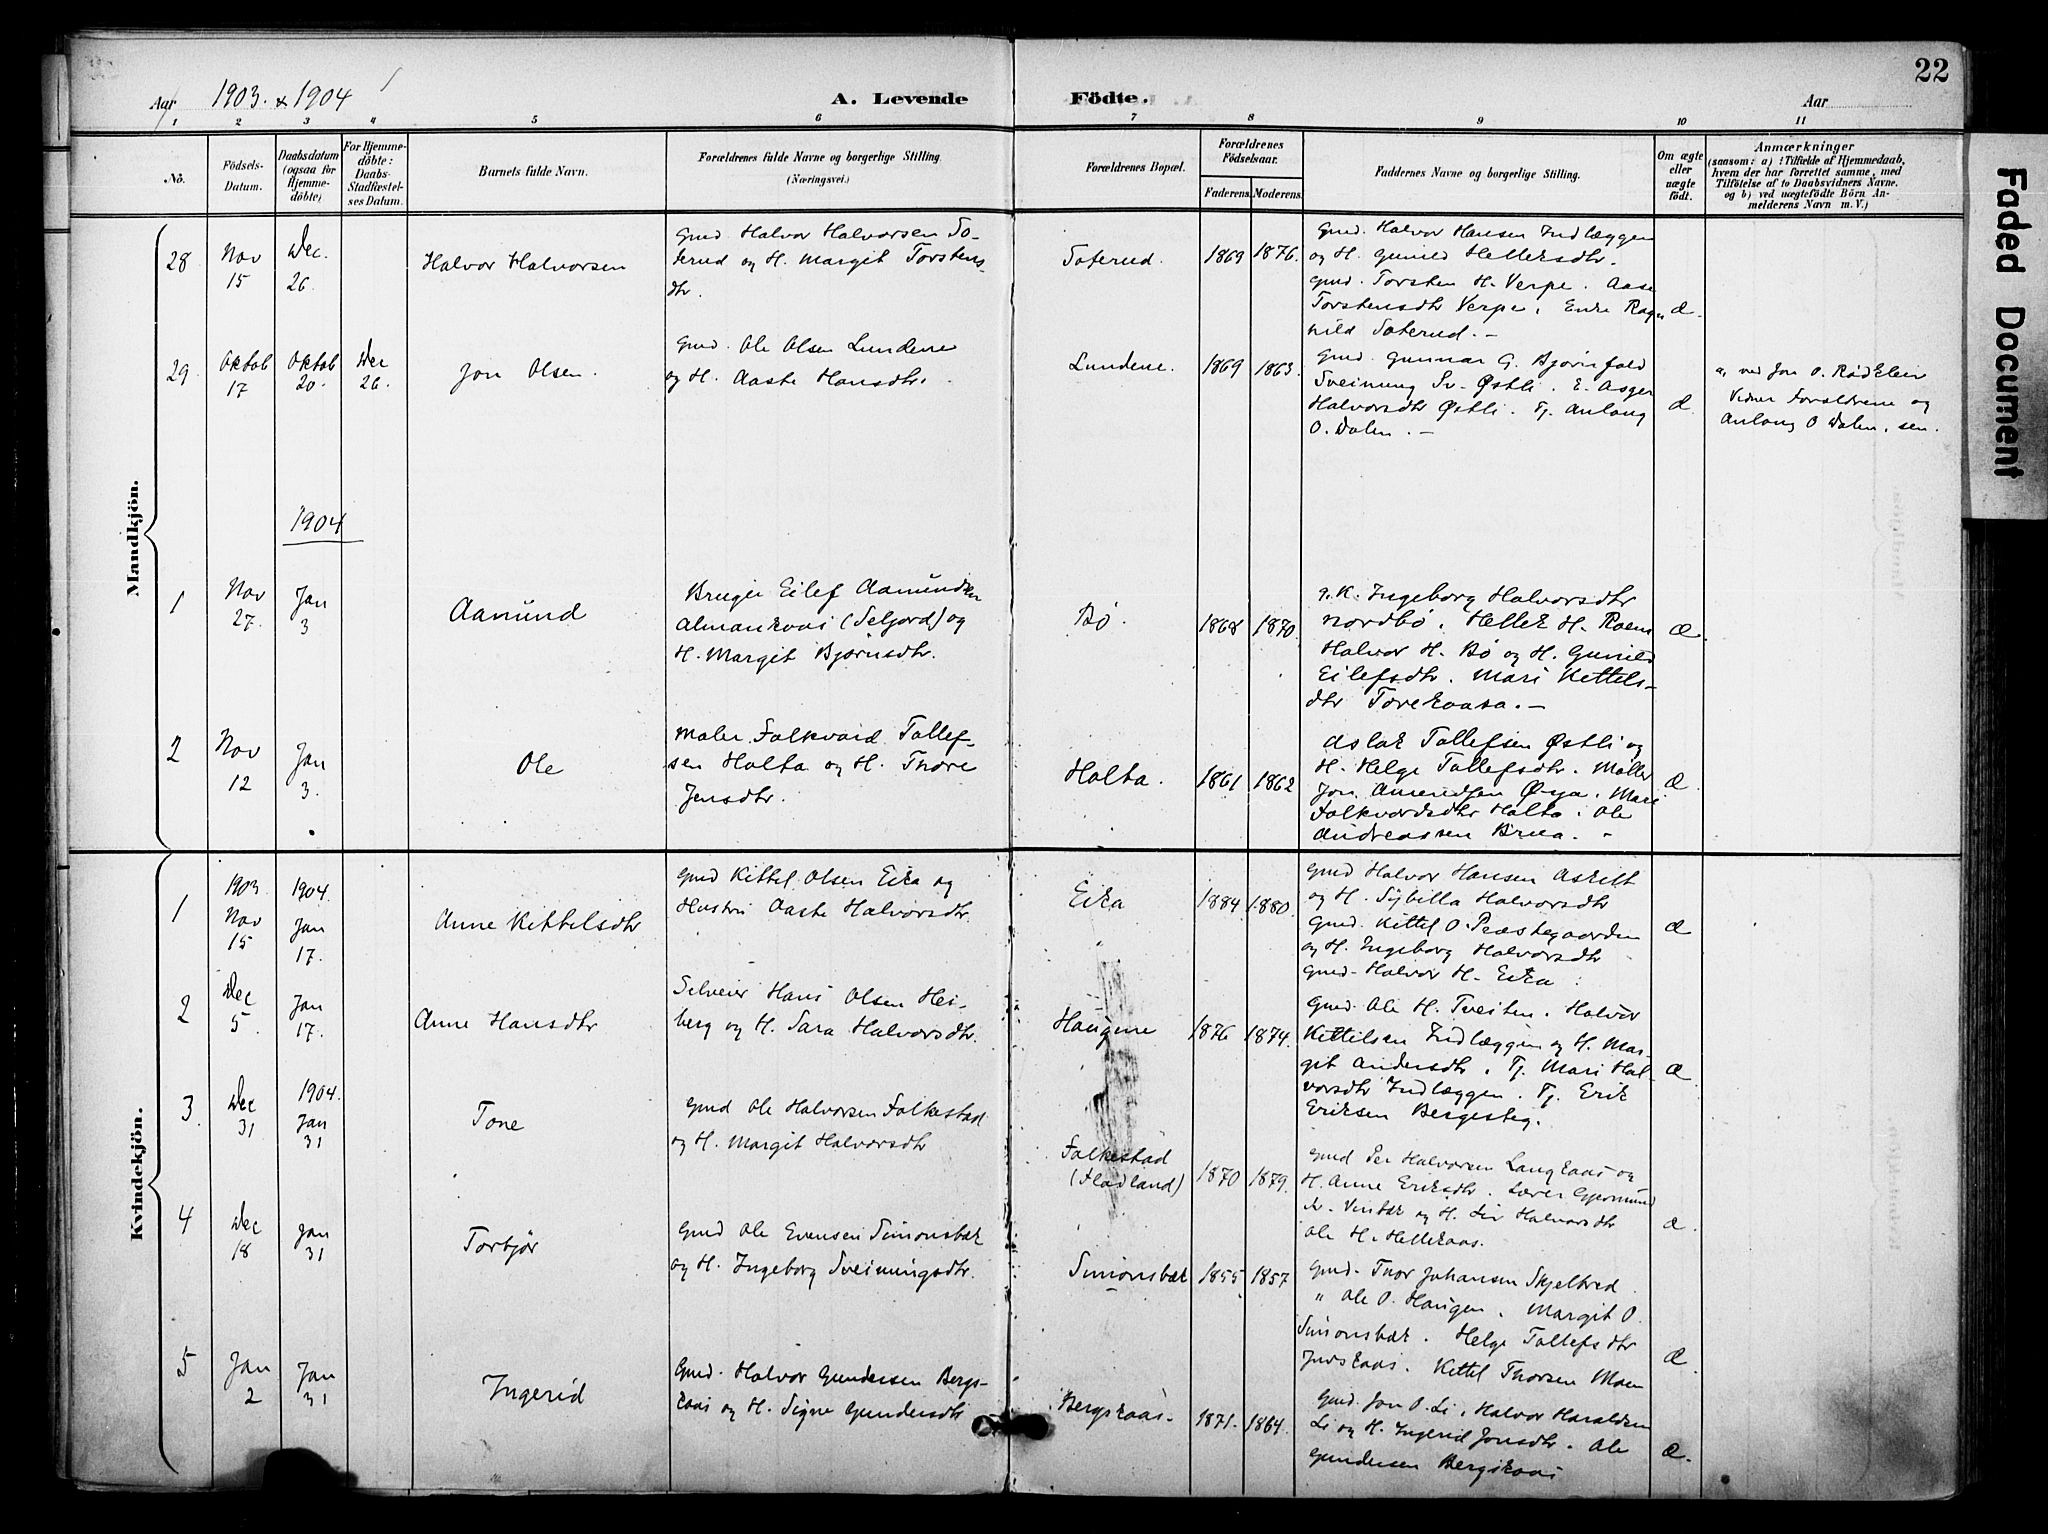 SAKO, Bø kirkebøker, F/Fa/L0012: Ministerialbok nr. 12, 1900-1908, s. 22